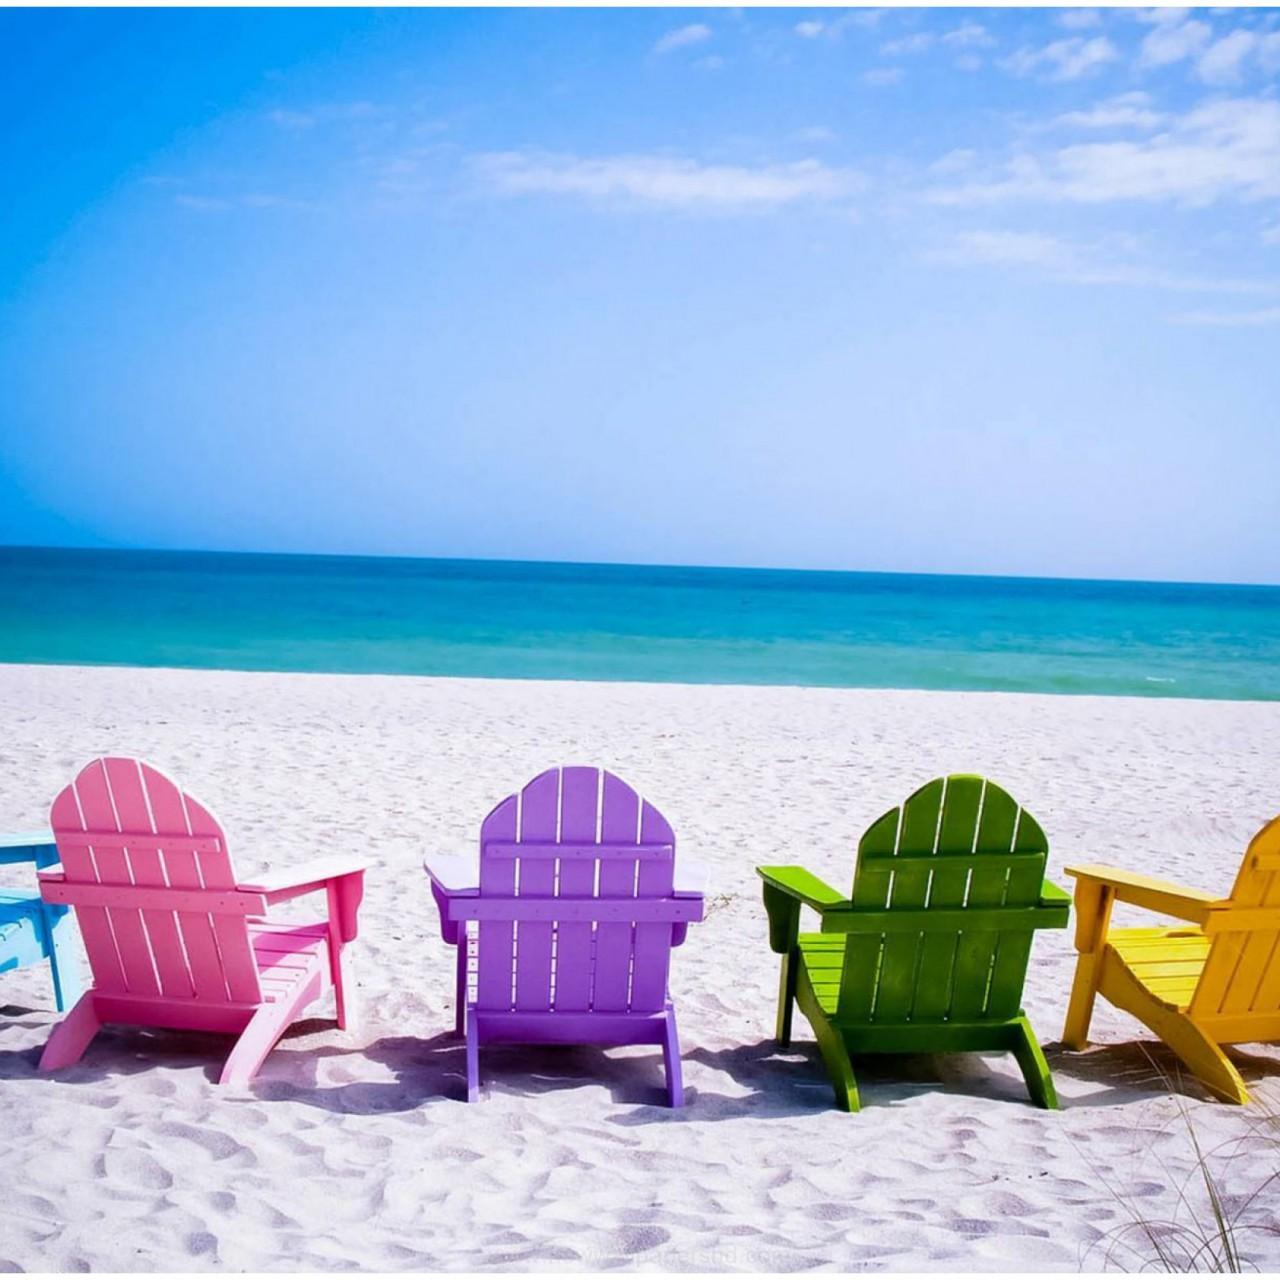 Beach Chair Wallpaper